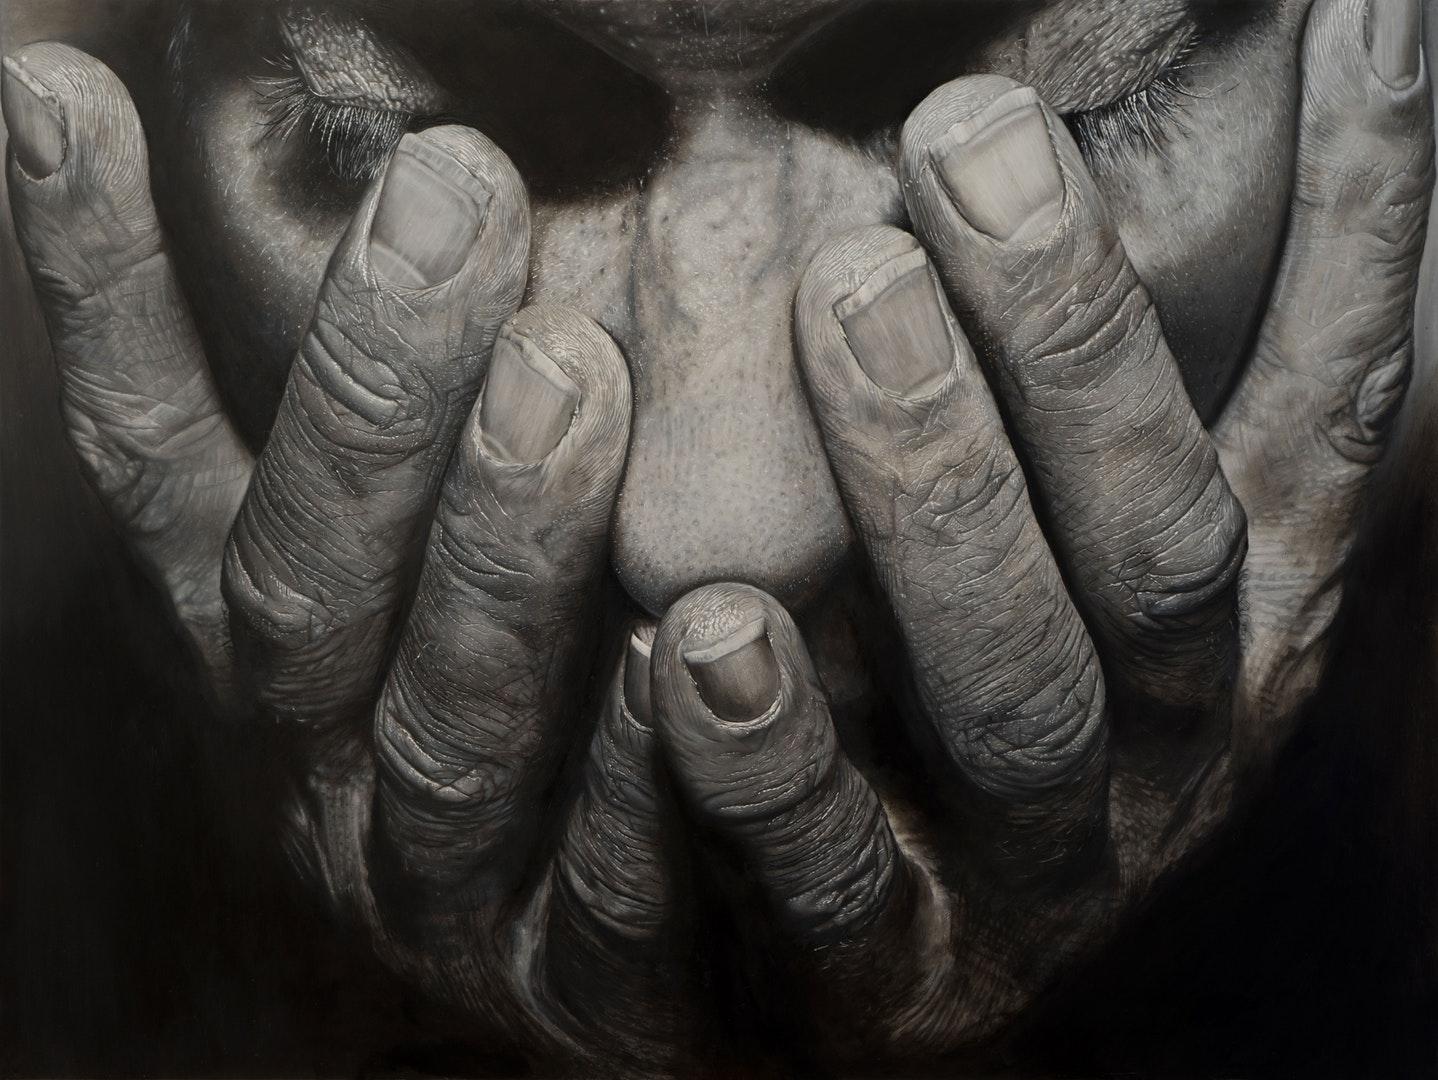 Michael Sheldon  Pain or Relief  Oil on aluminium panel, 61 x 46 x 3 cm  http://michaelsheldon.co.uk